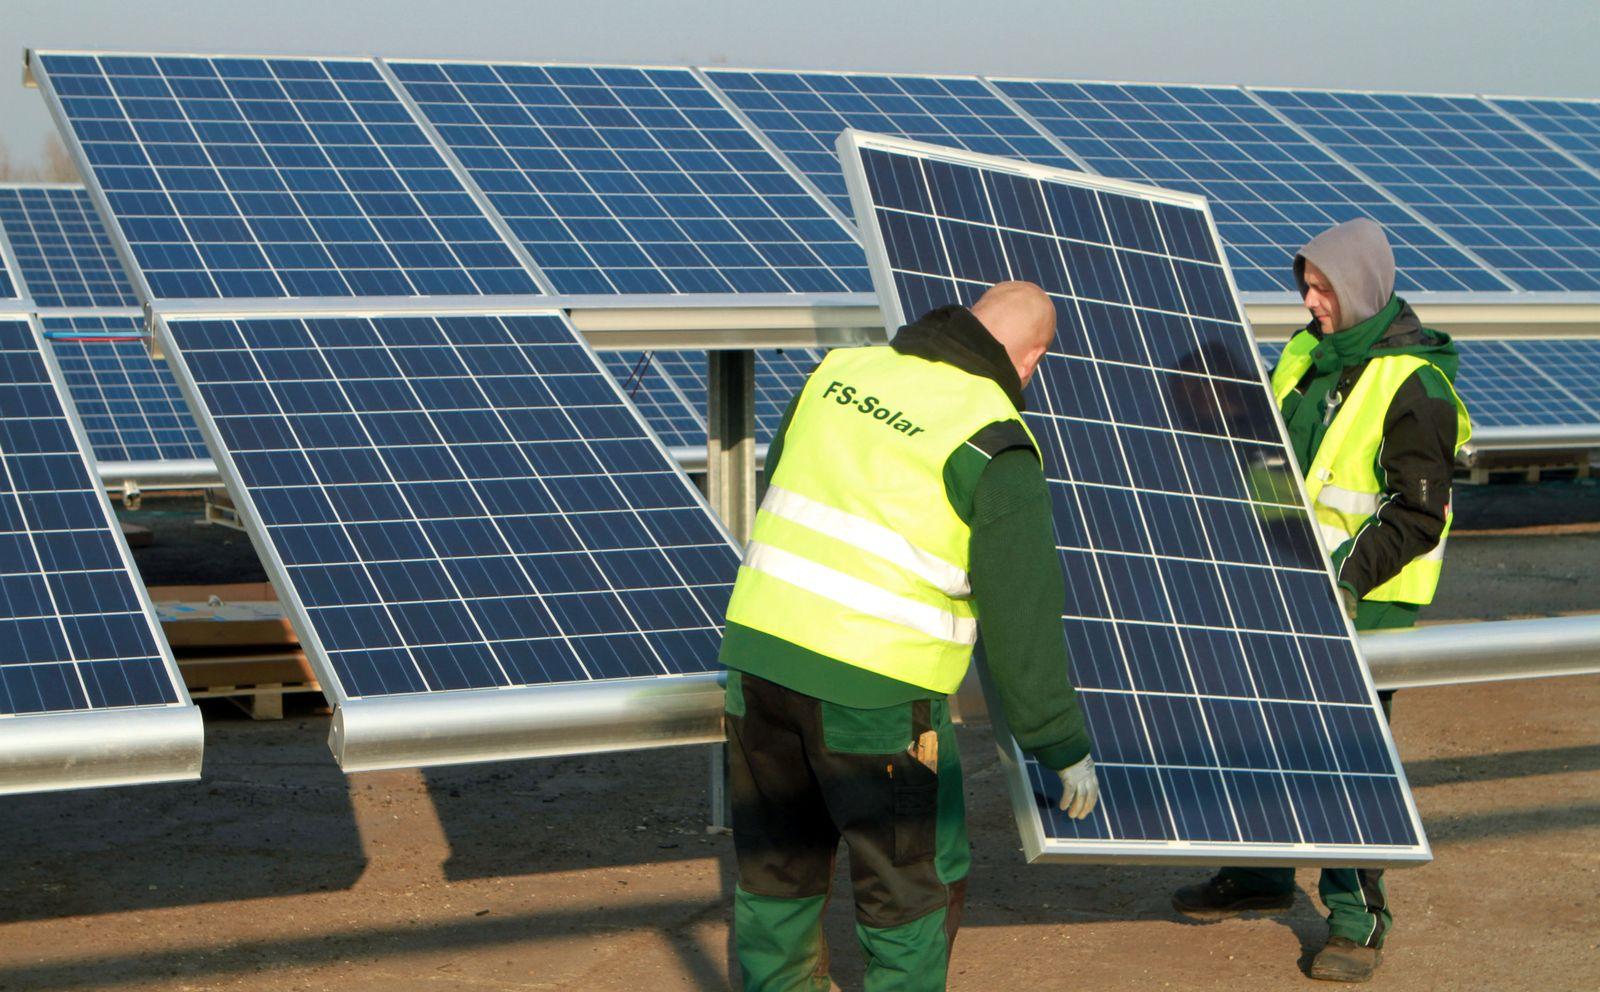 Solar panels Staaken